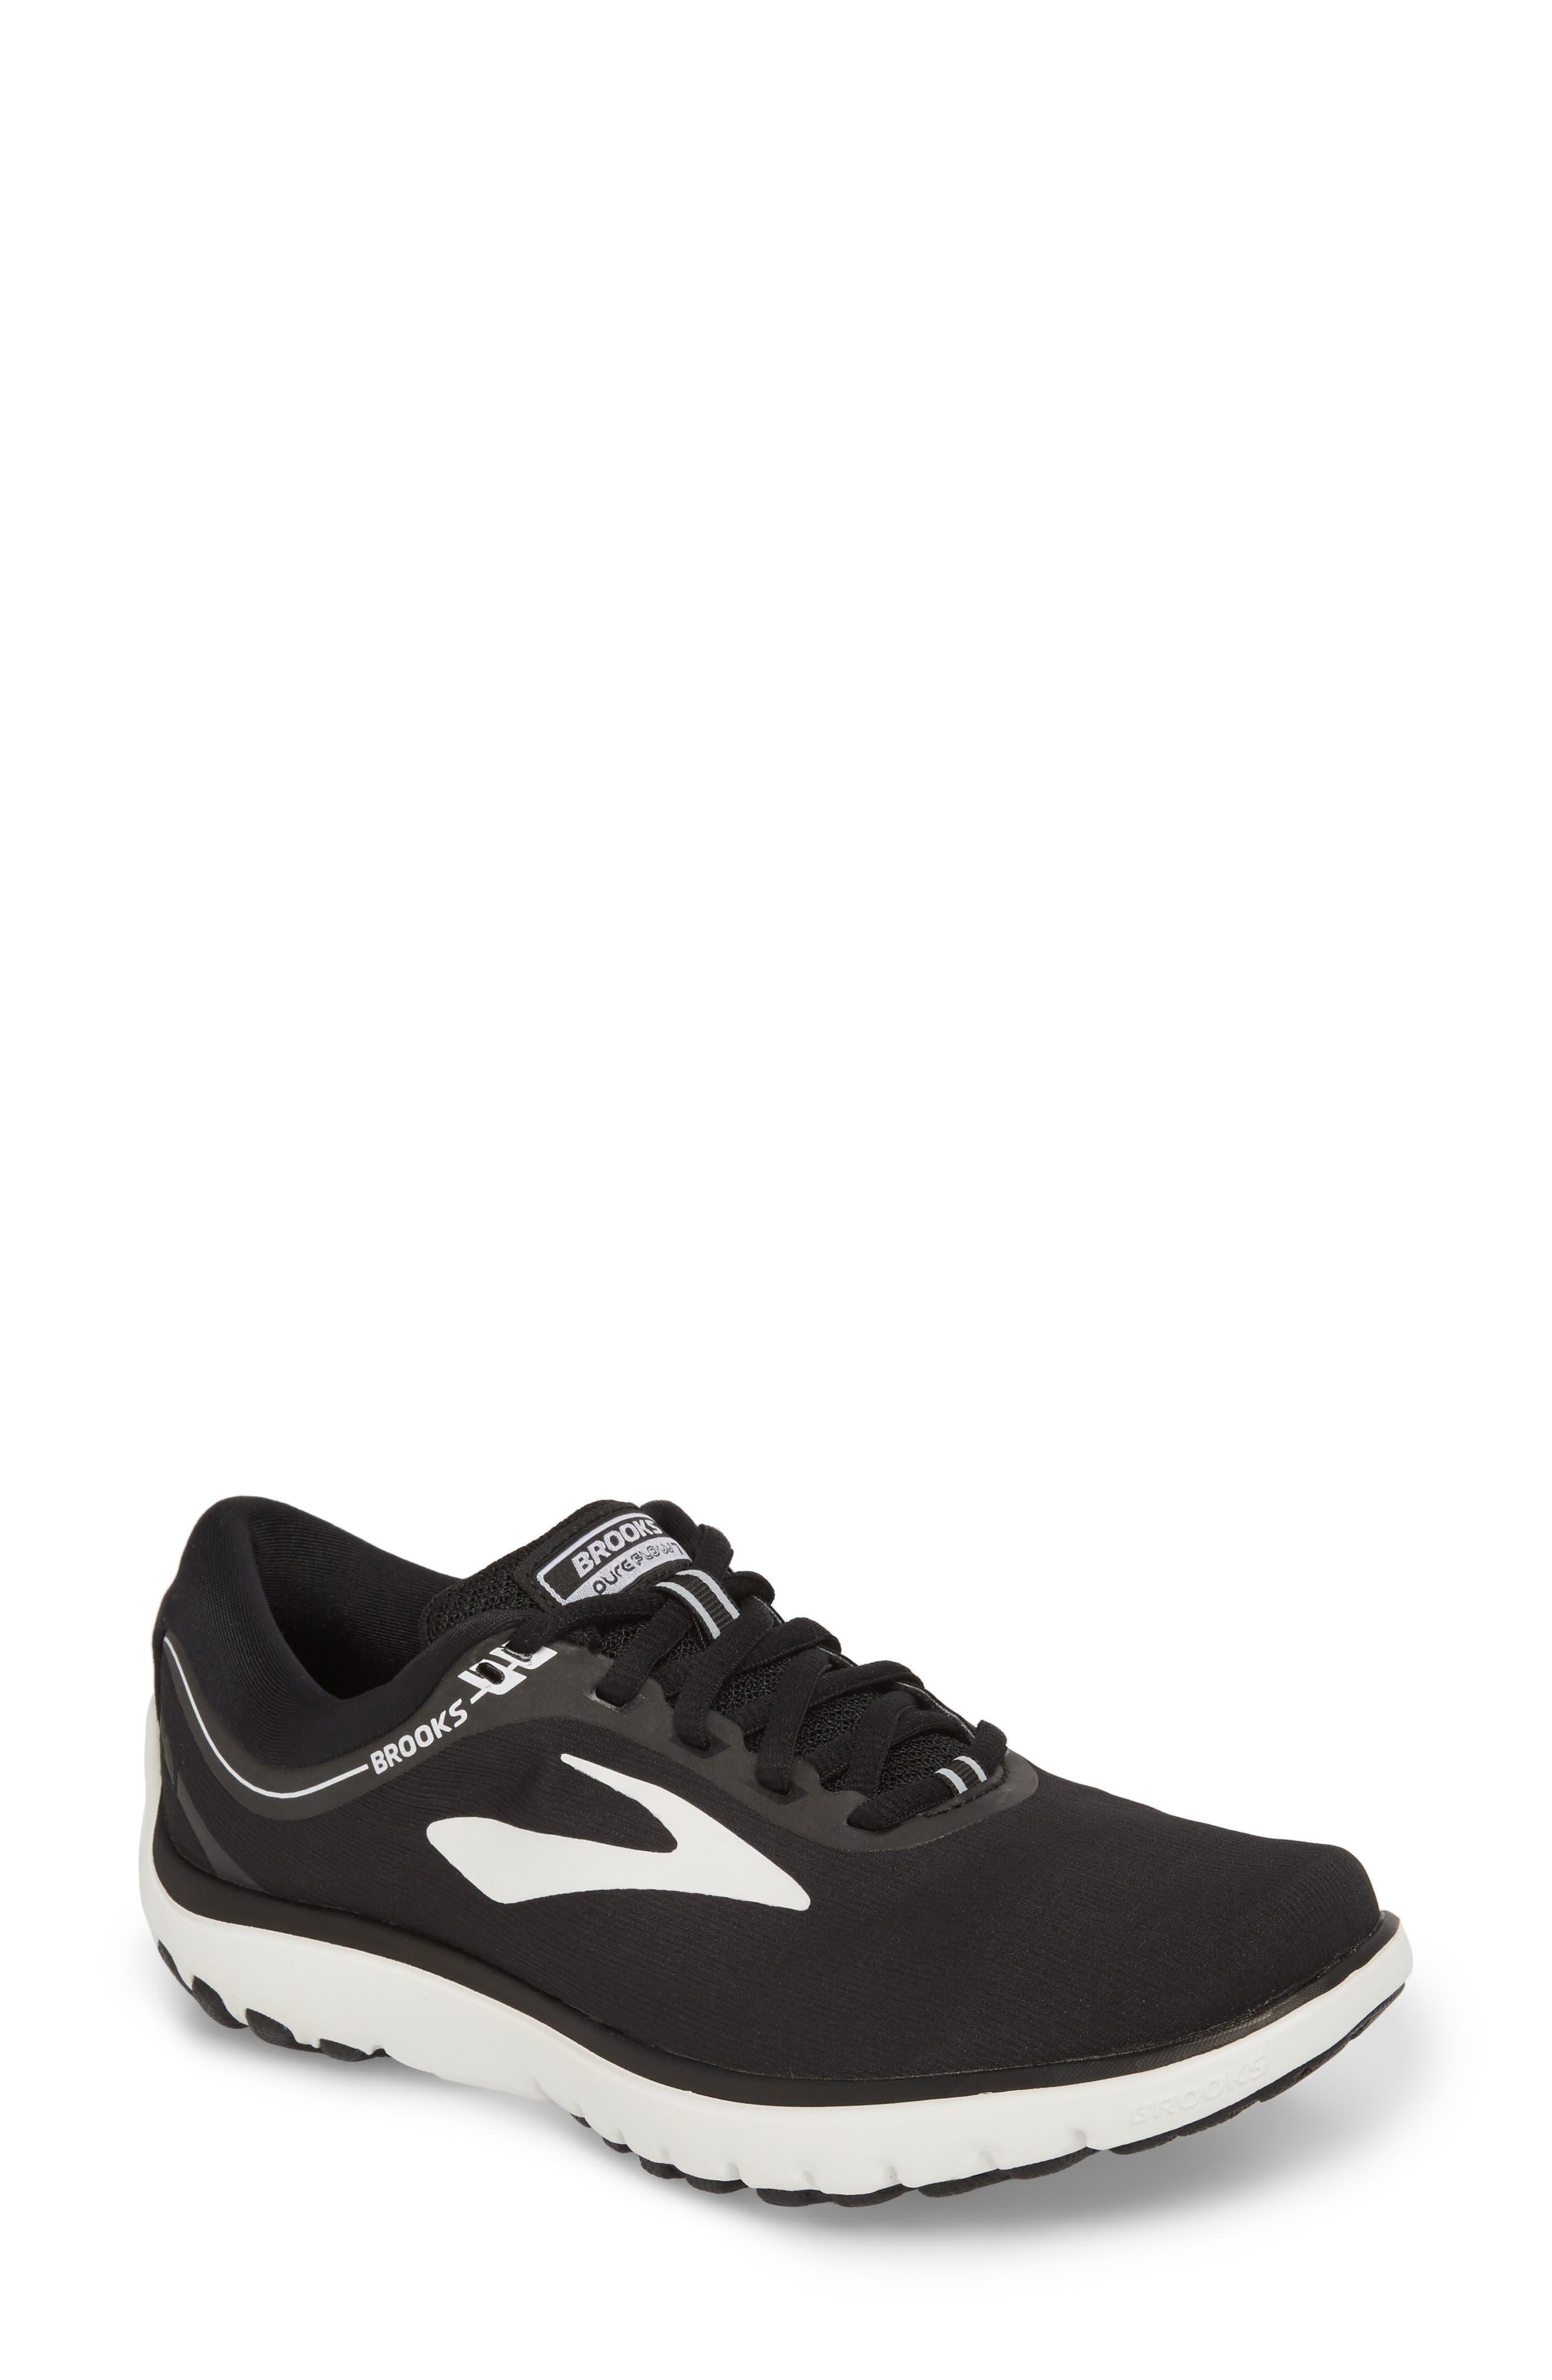 Brooks Pureflow 7 Running Shoe B - Black